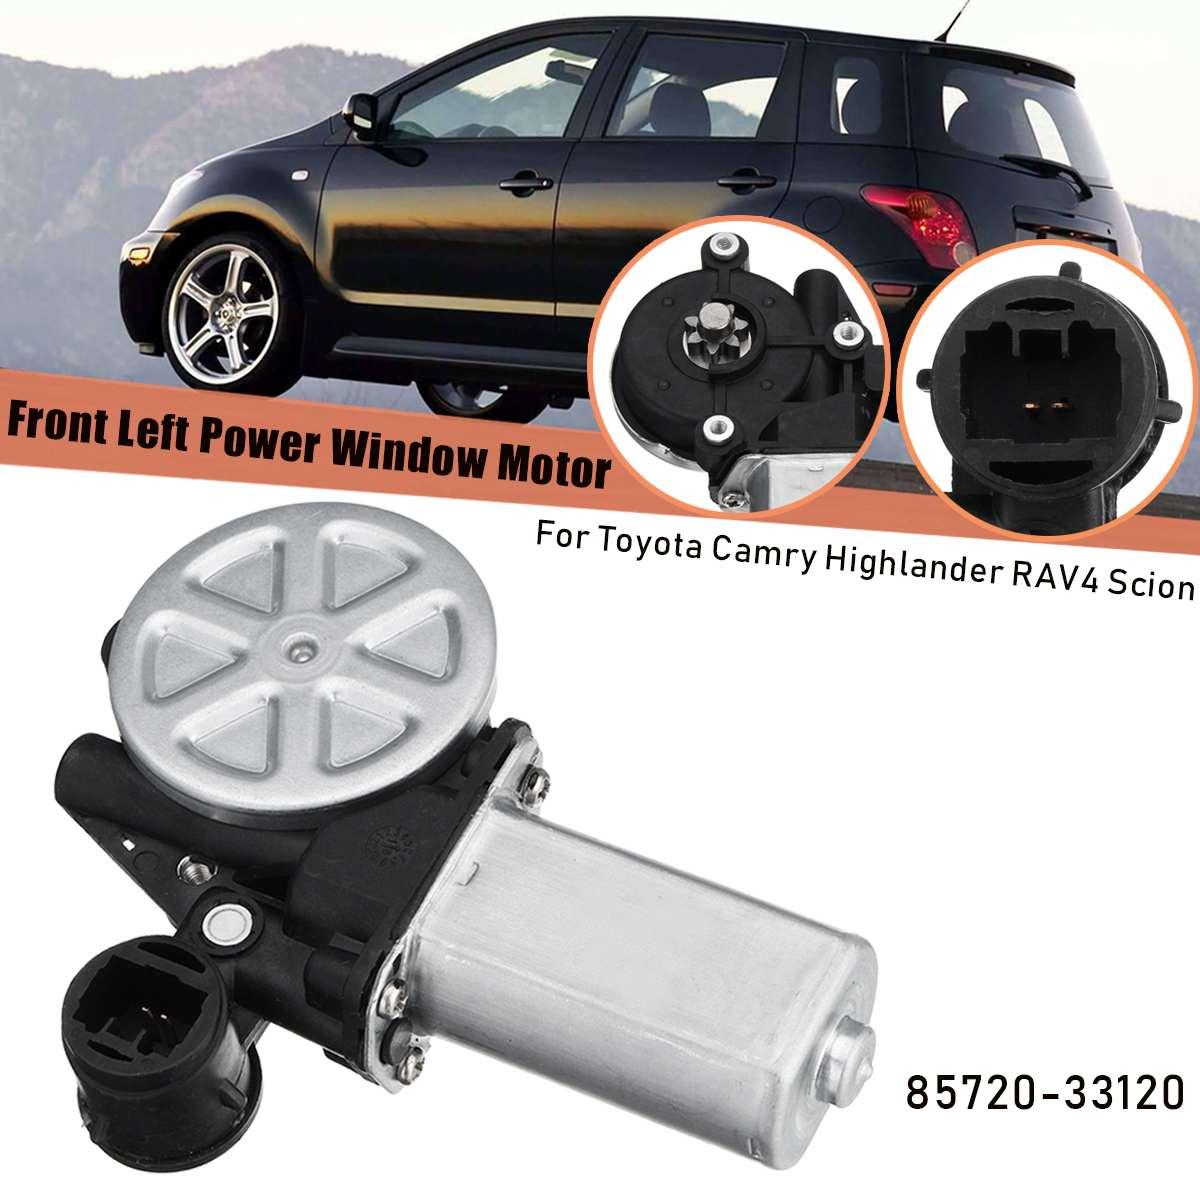 Otomobiller ve Motosikletler'ten Pencere Motorları ve Parçaları'de Ön sağ sol yolcu elektrikli pencere motoru Toyota RAV4 Camry Highlander Scion 8571042070 47 10009 title=